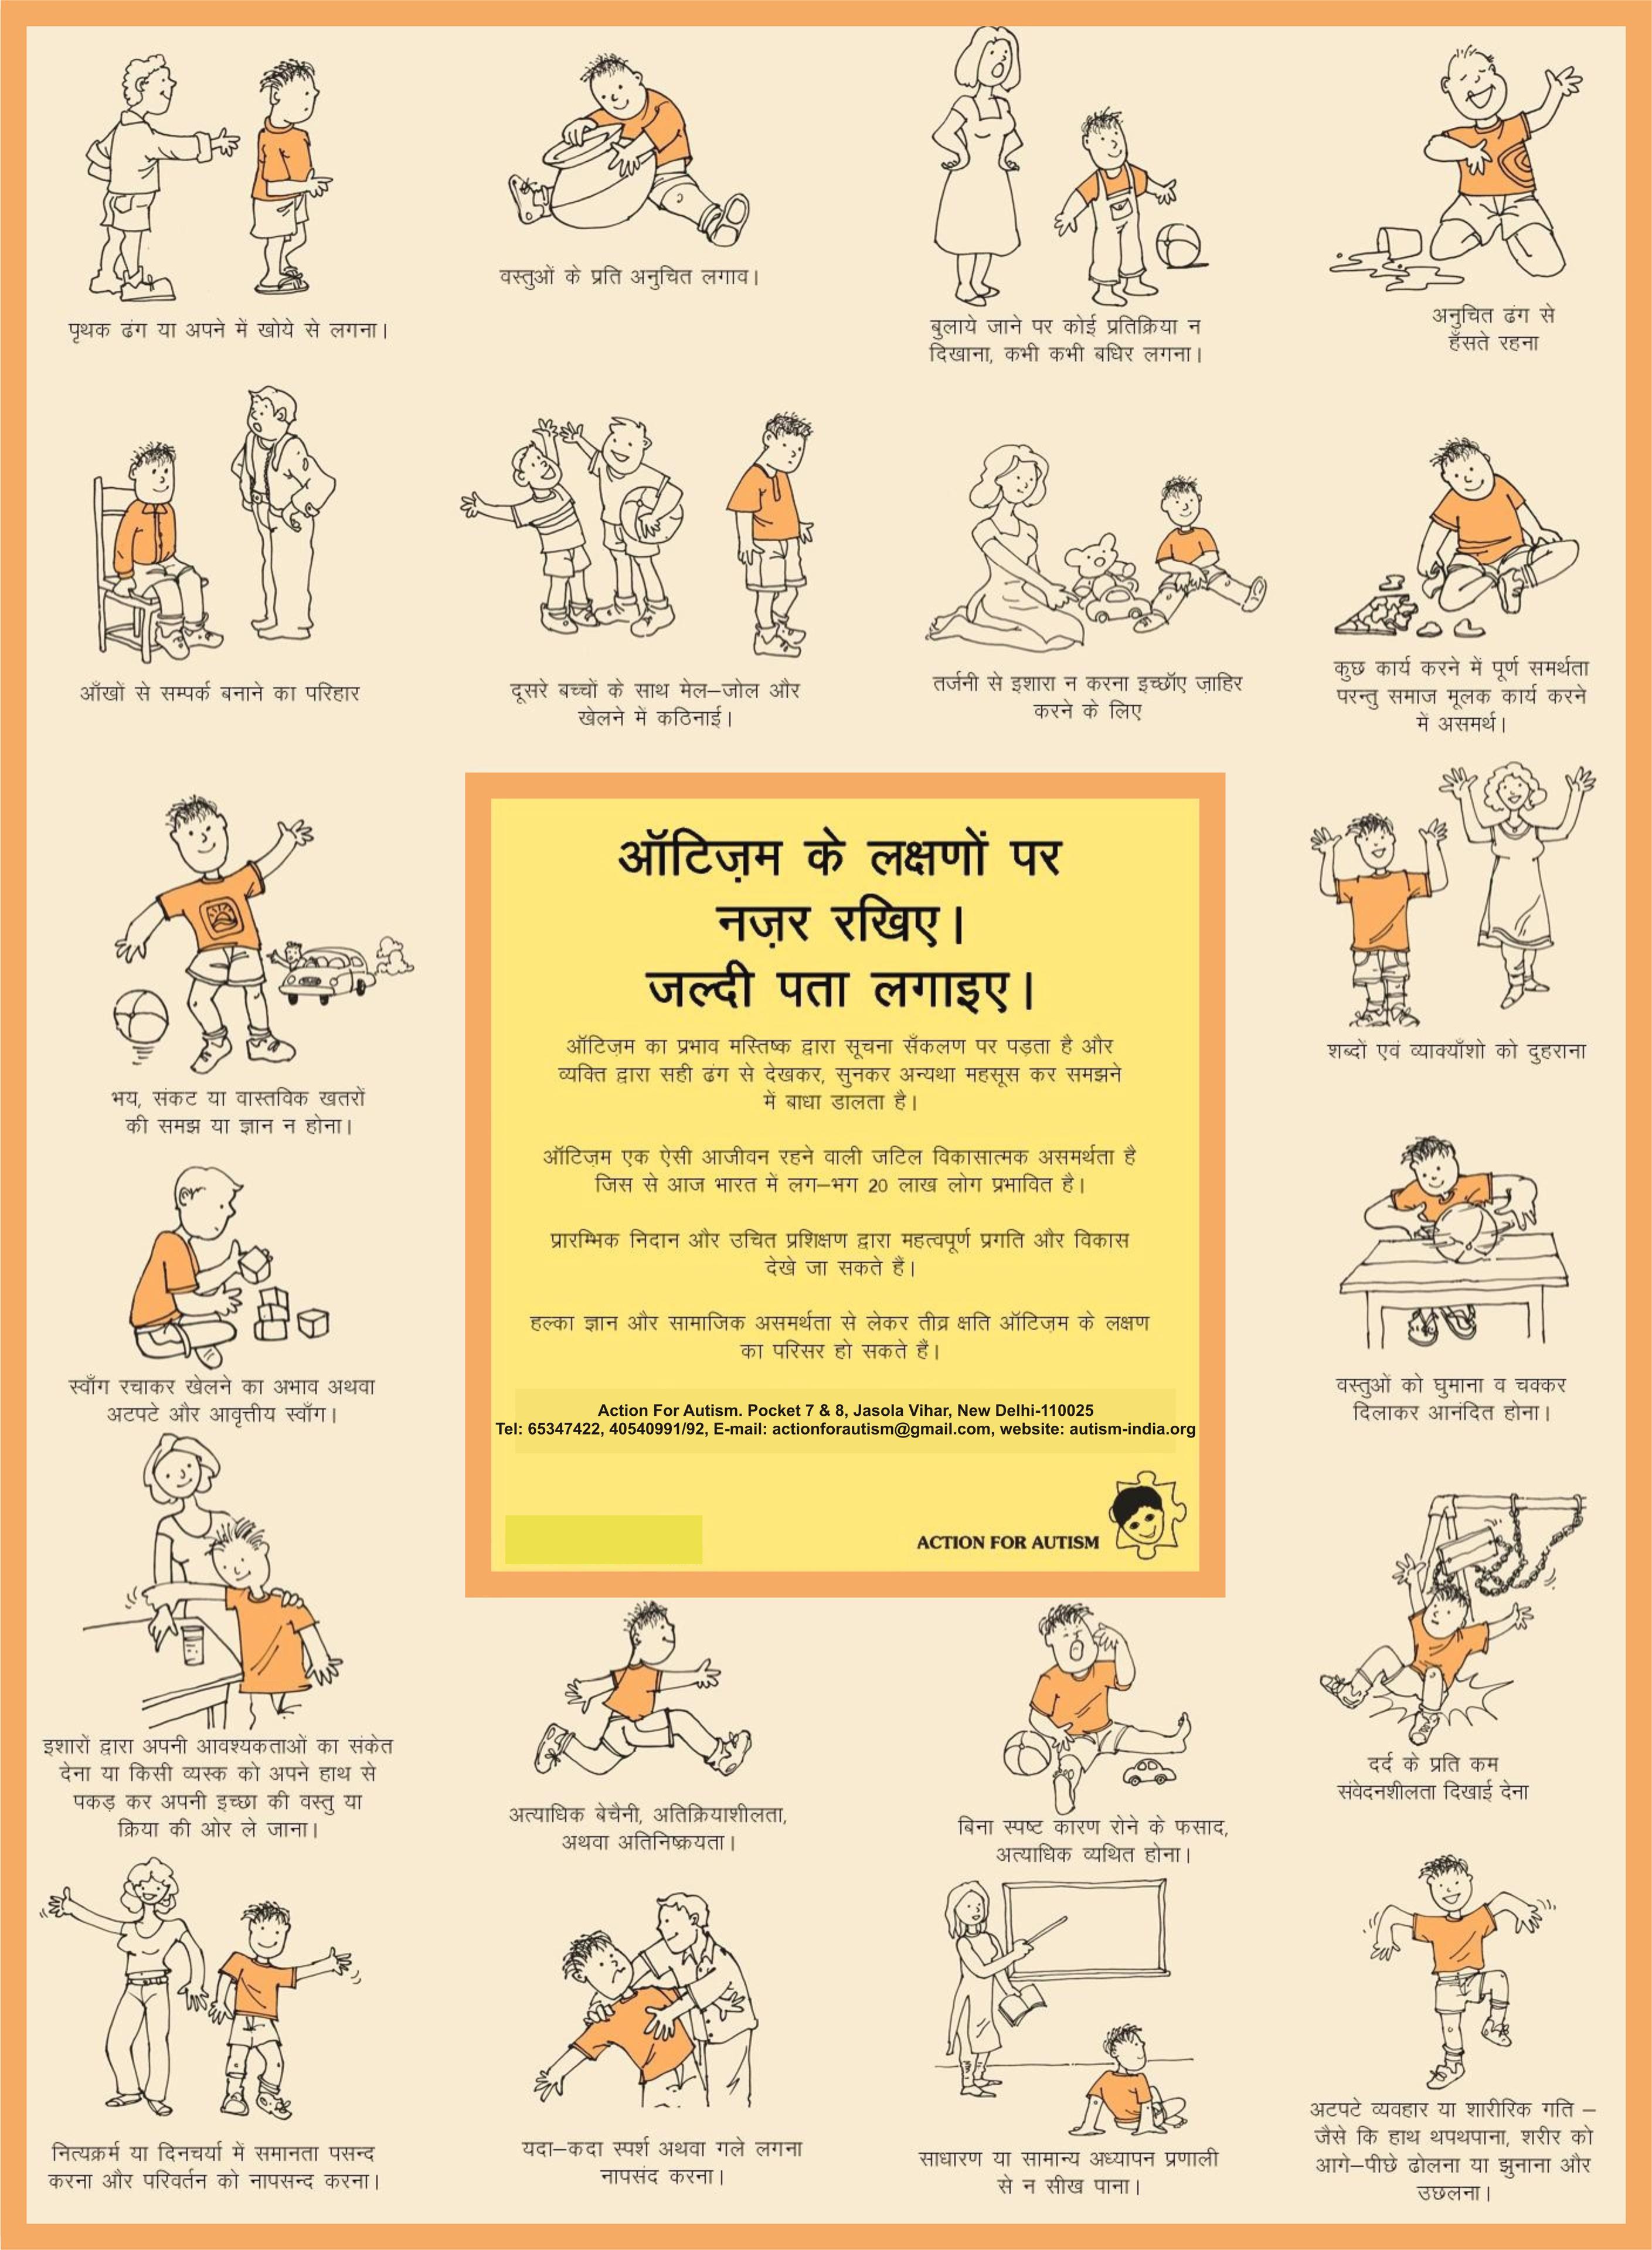 Autism India